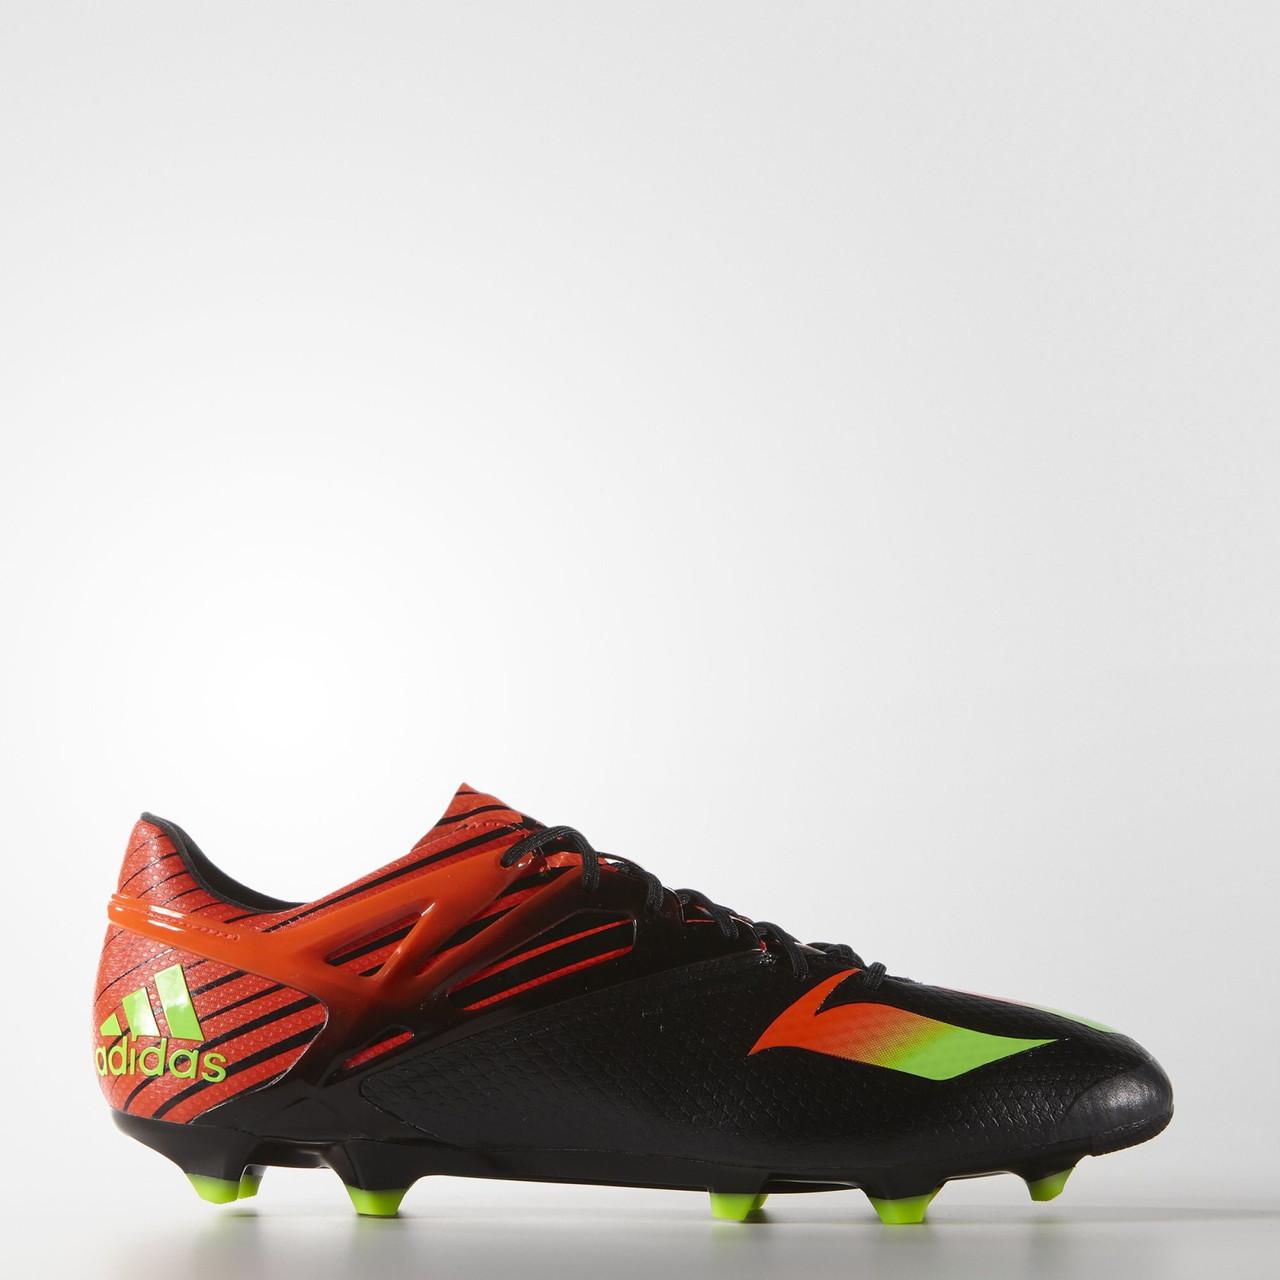 52c691422897 Купить Бутсы Adidas Messi 15.1 FG AG (Артикул  AF4654) в интернет ...